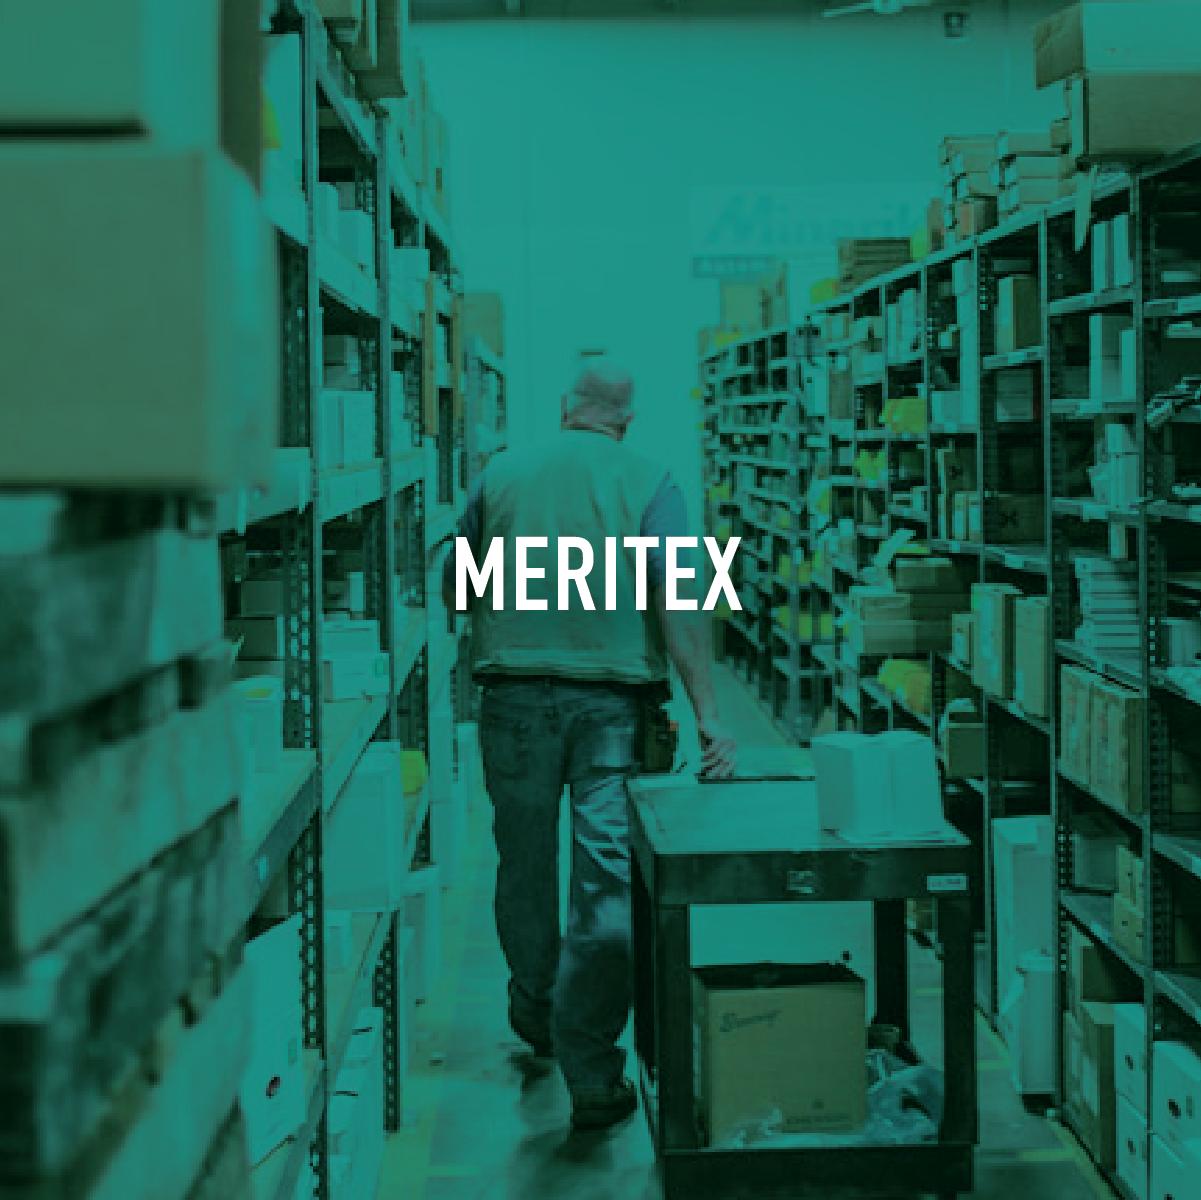 Meritex Public Relations